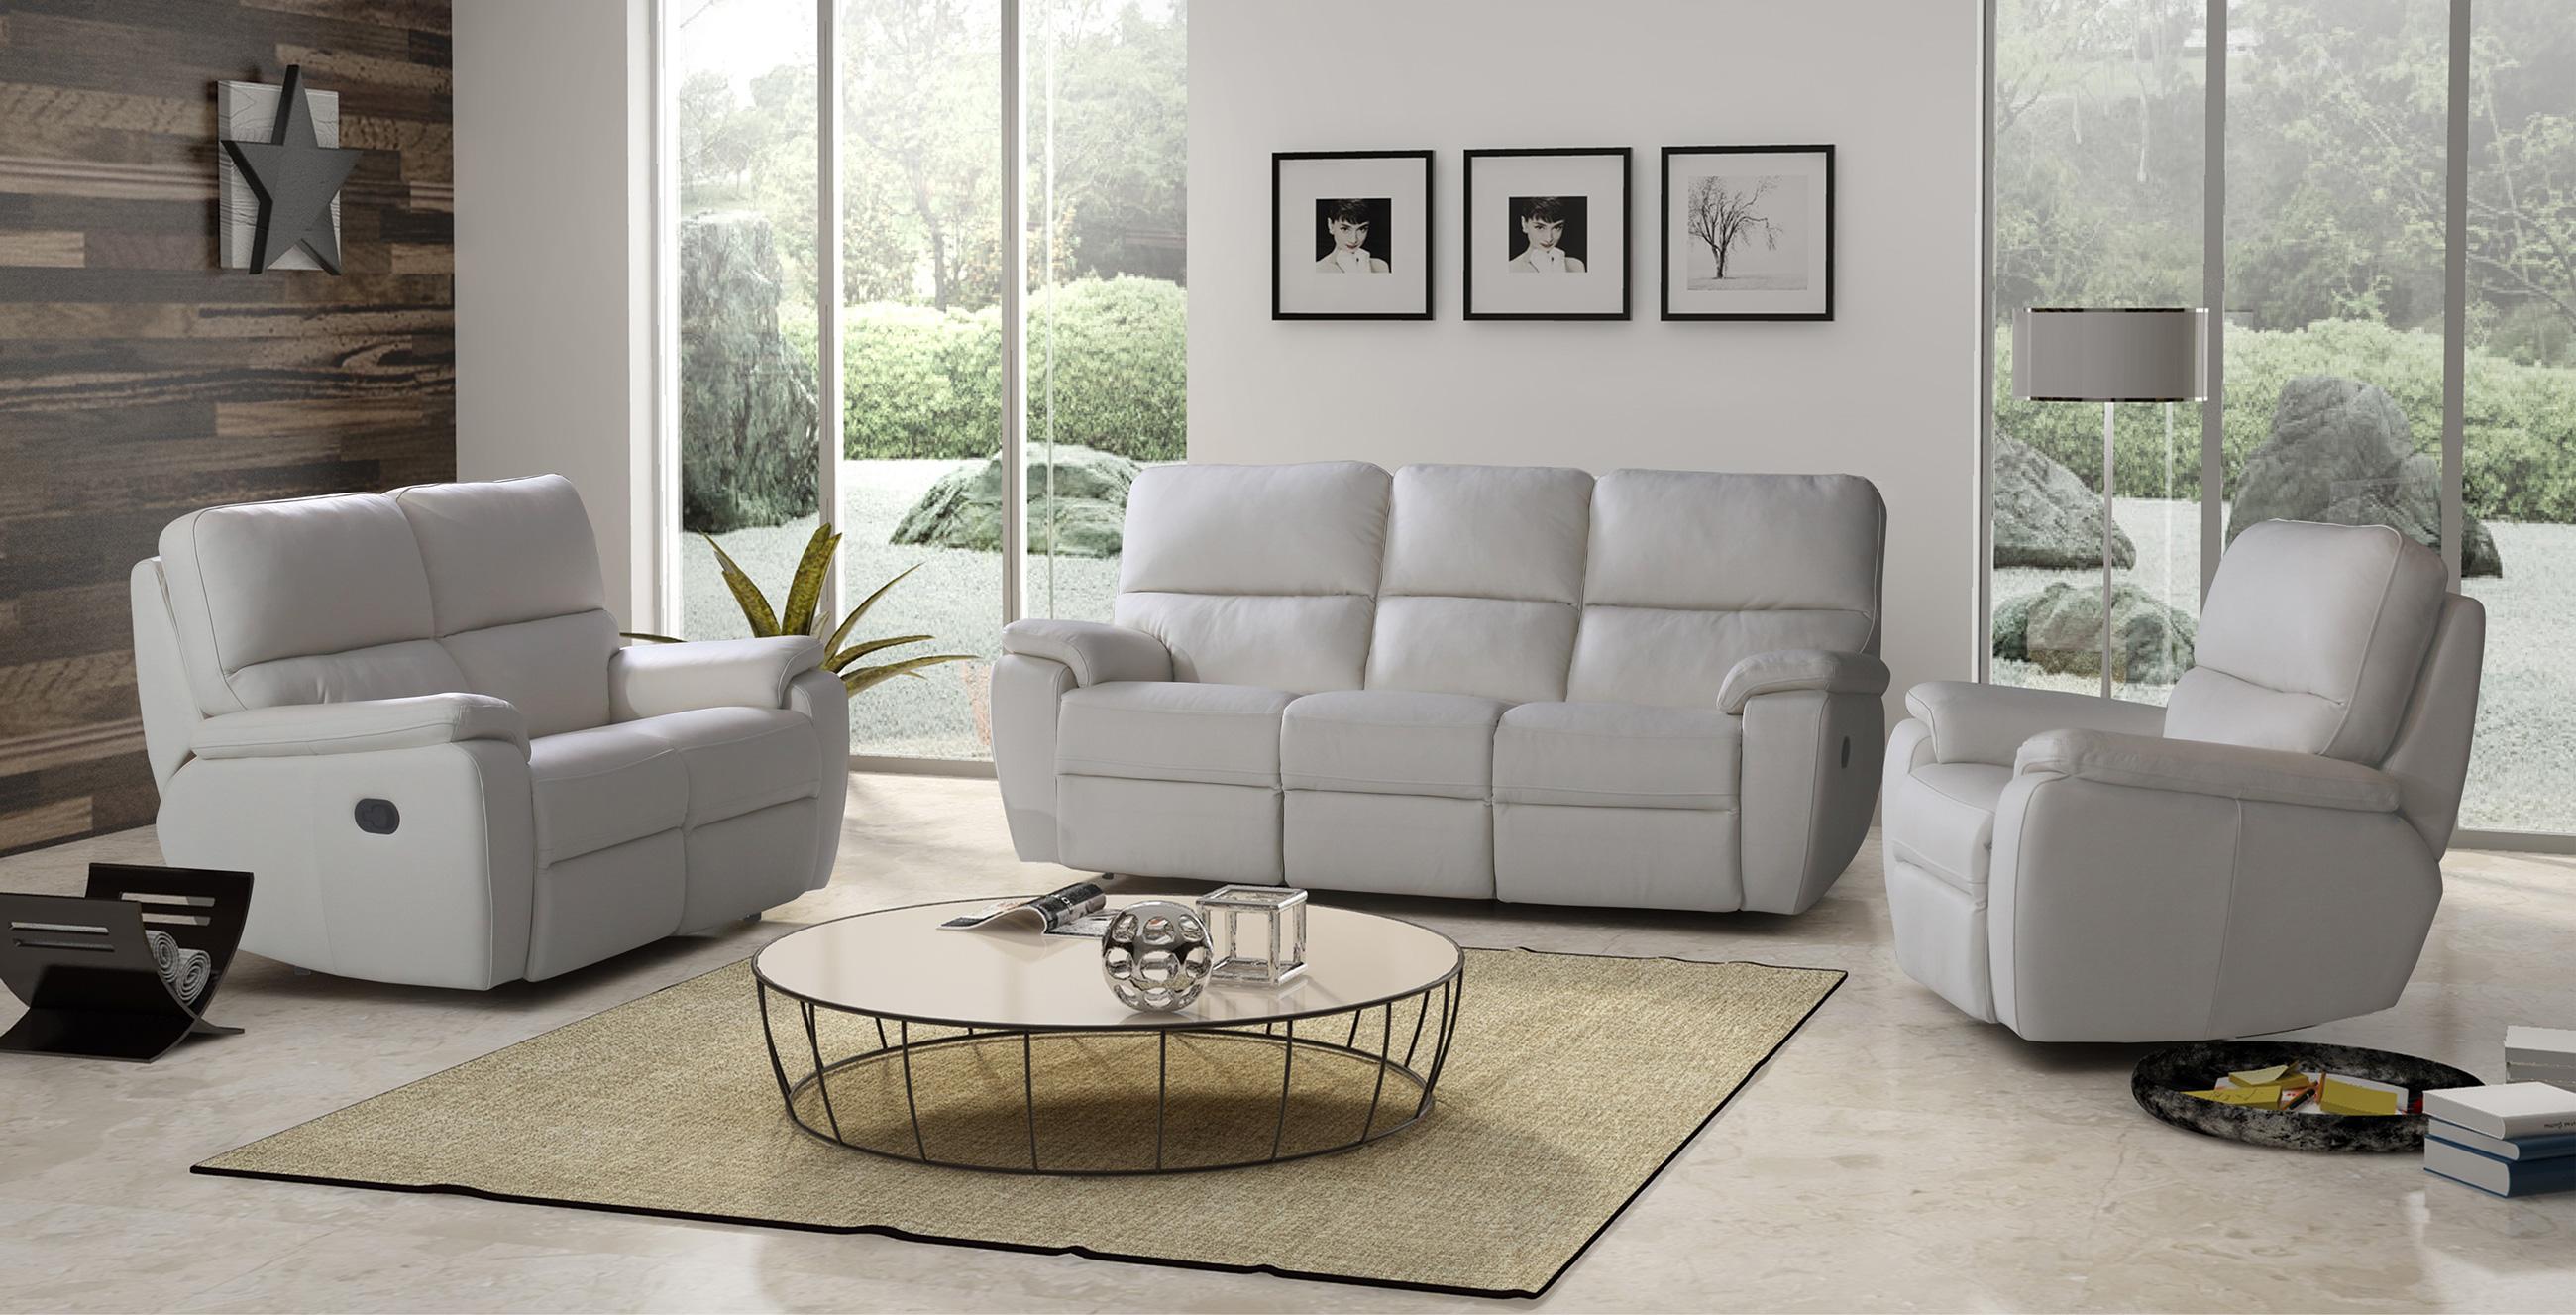 fresco biała sofa skórzana białe fotele